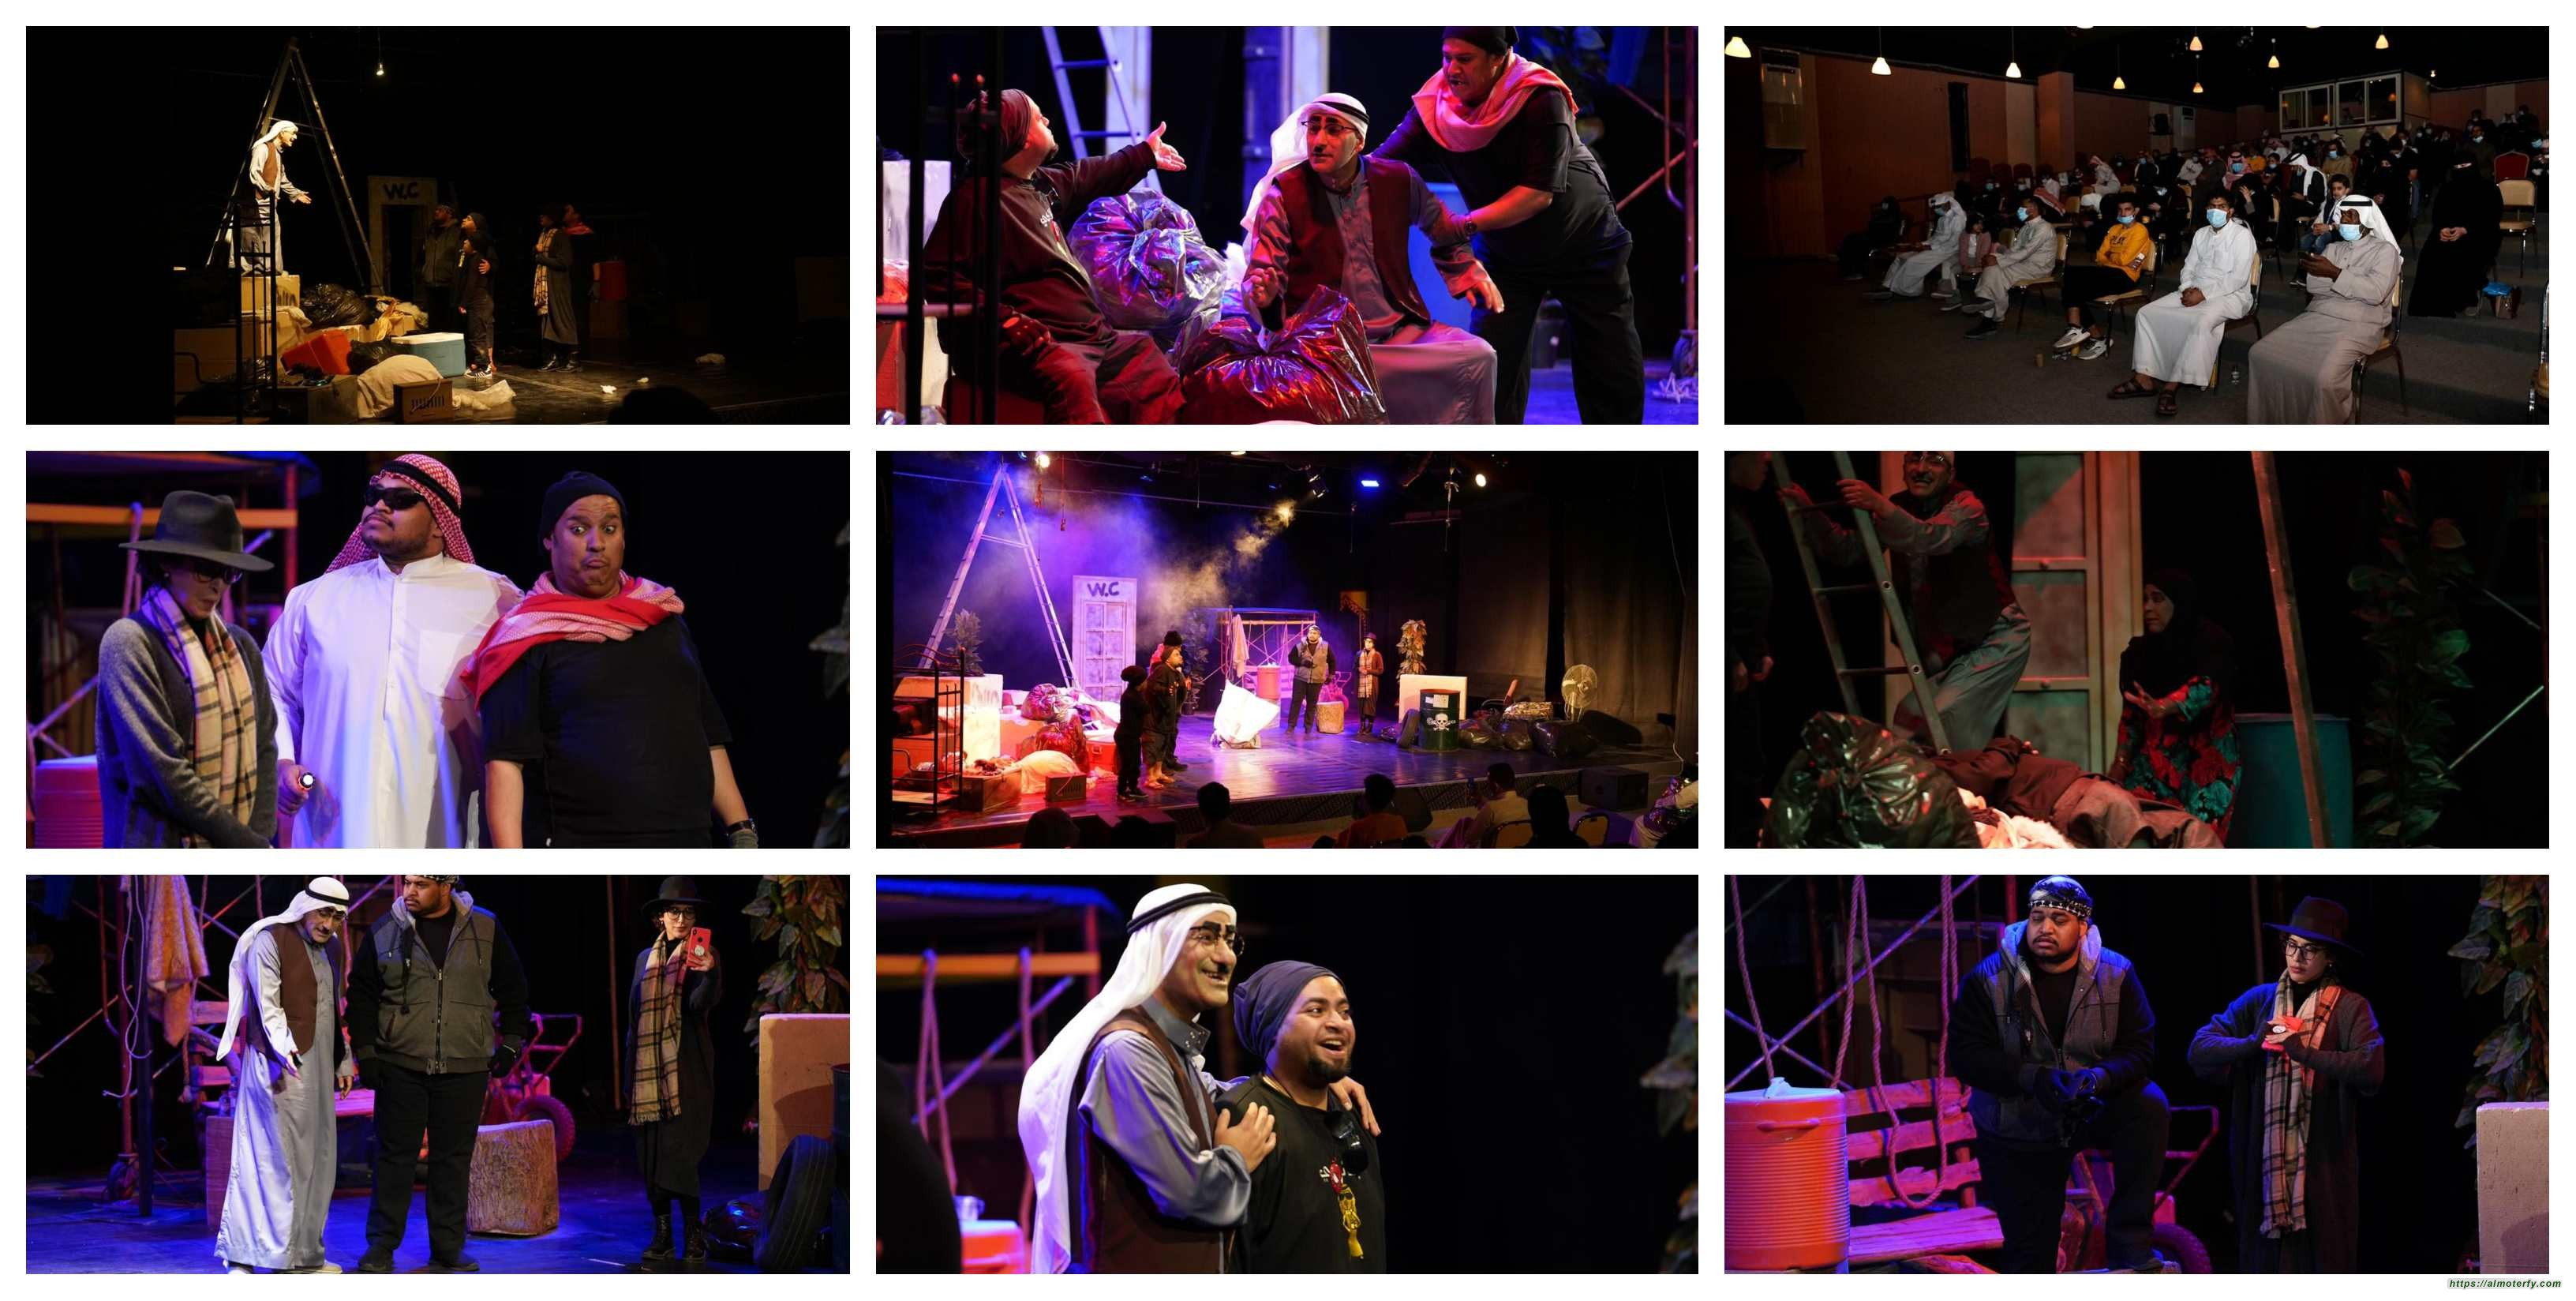 (طاخ طيخ) تمتع جمهور المسرح في أول عروضها على مسرح ثقافة وفنون الأحساء